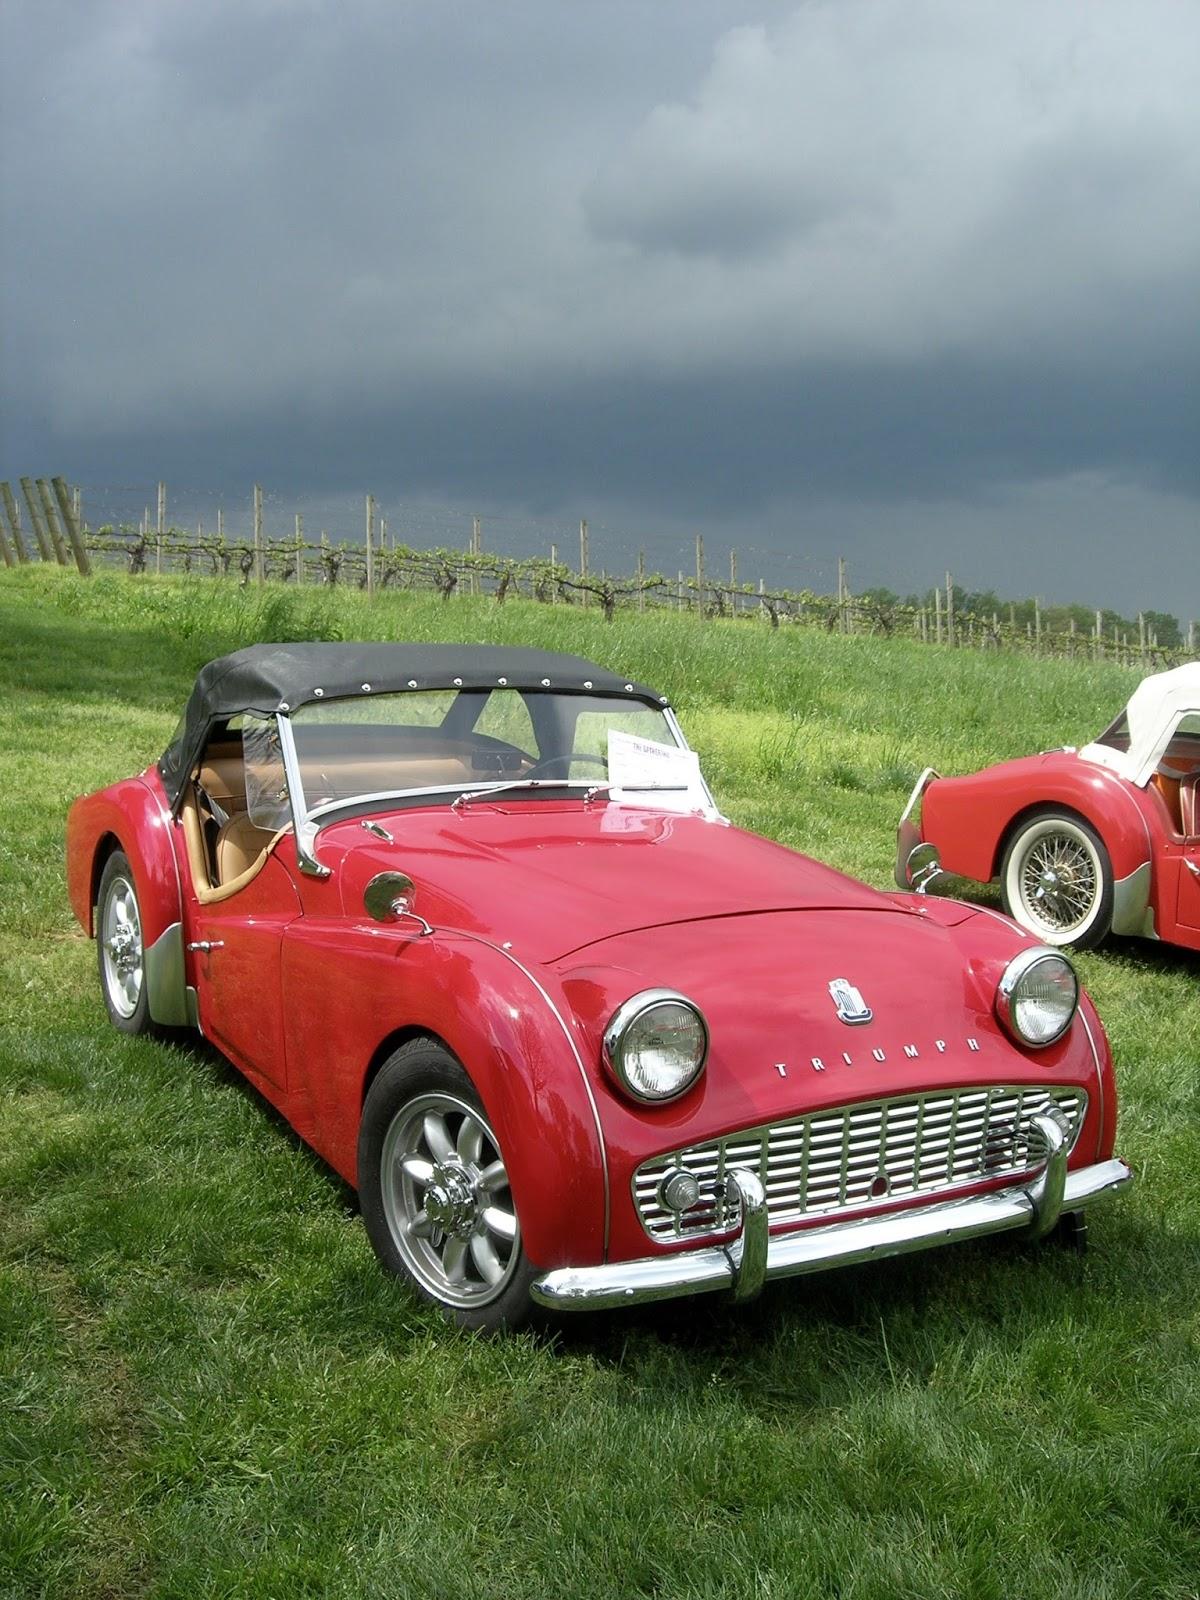 My Little Bungalow: British Car Show